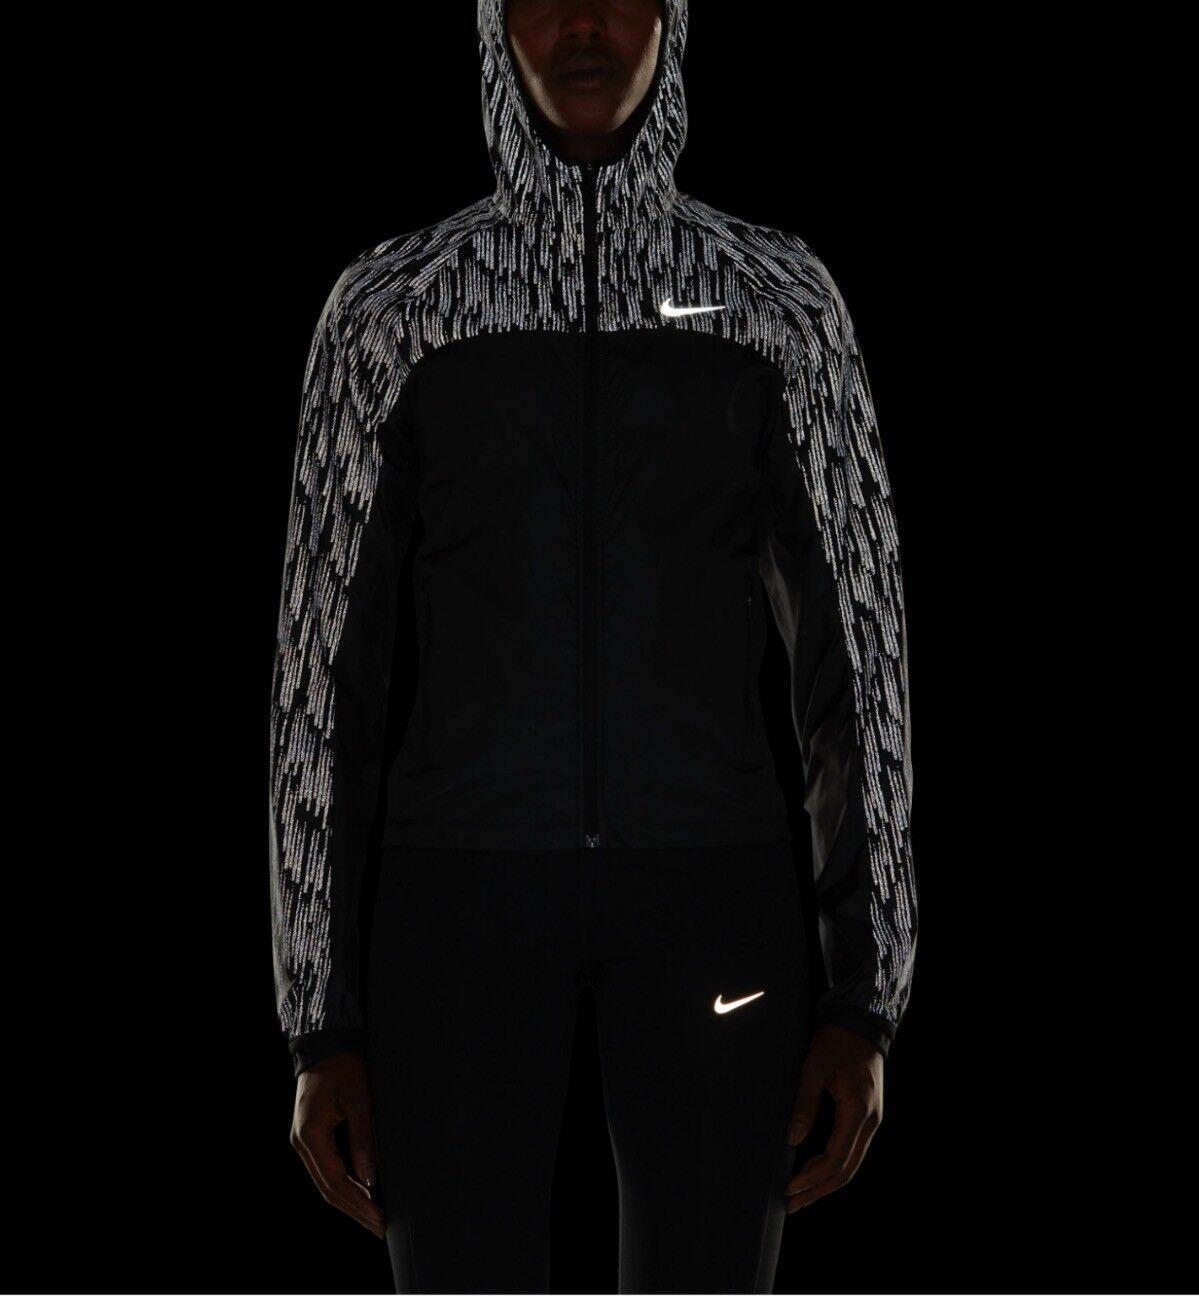 Chaqueta Para  Correr Nike Escudo de Flash, 799885-010, Negro Plata reflejan. XS, S, M  el más barato